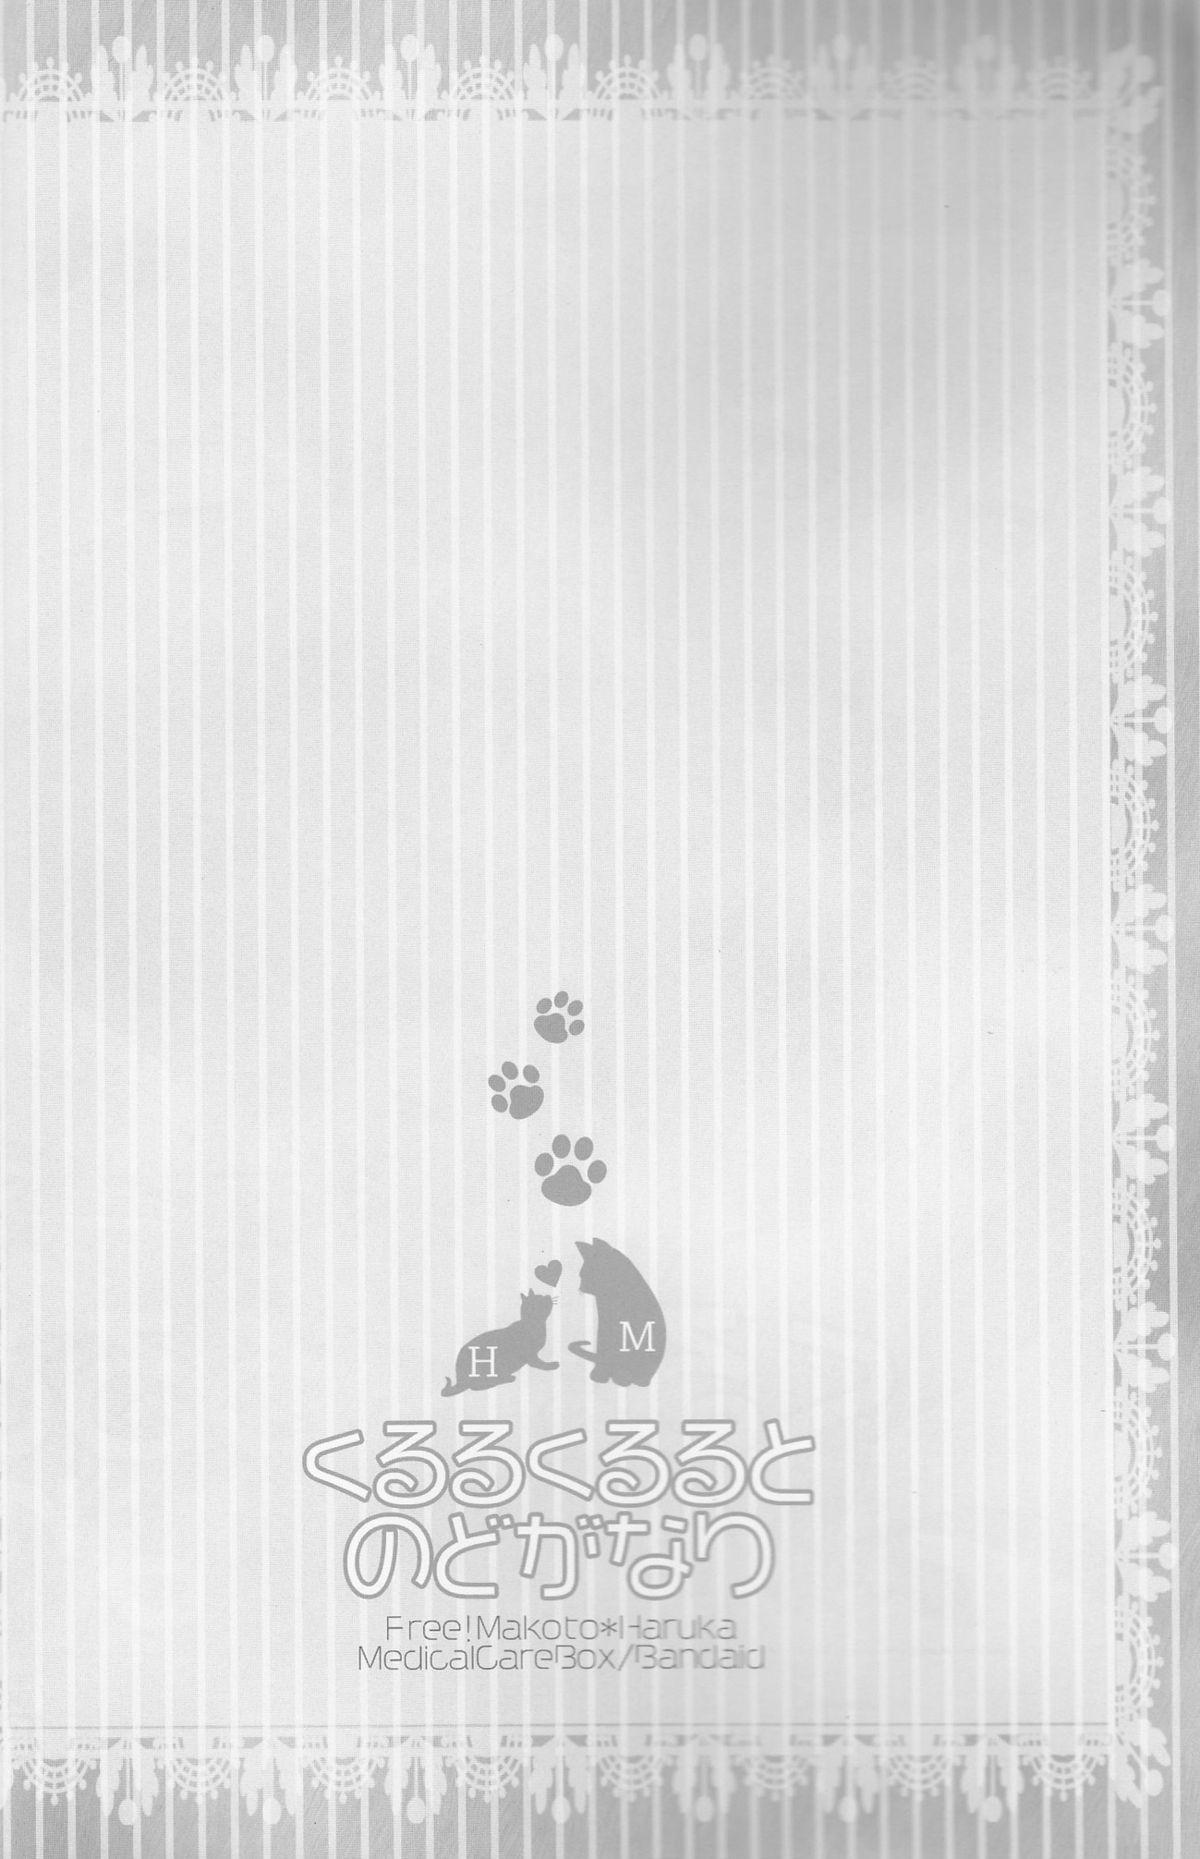 Kururu Kururu to Nodo ga Nari 2